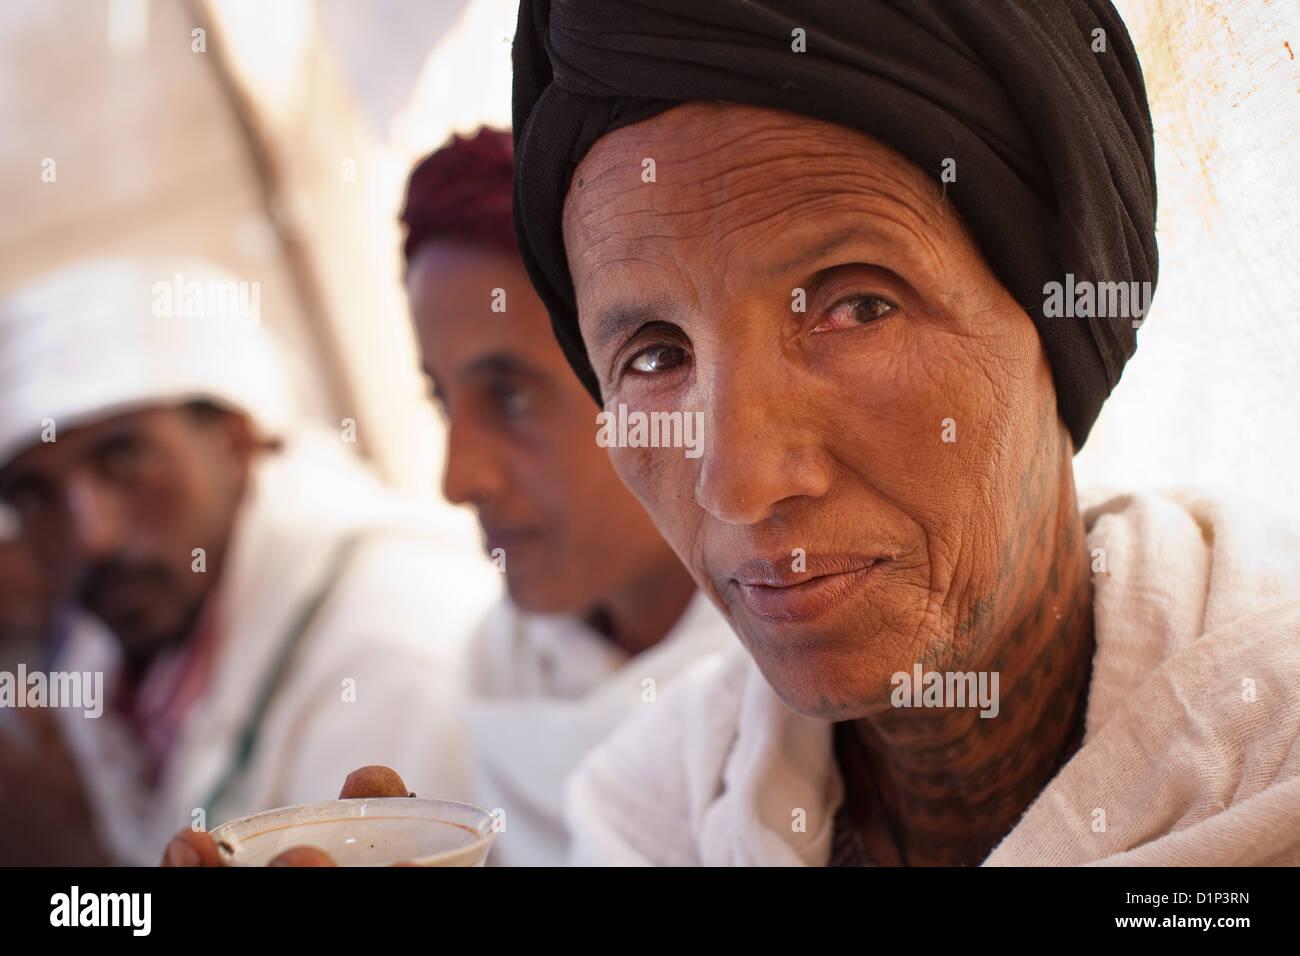 La donna nel tradizionale abito othodox con tatuaggi facciali a Debre Markos, Etiopia. Immagini Stock